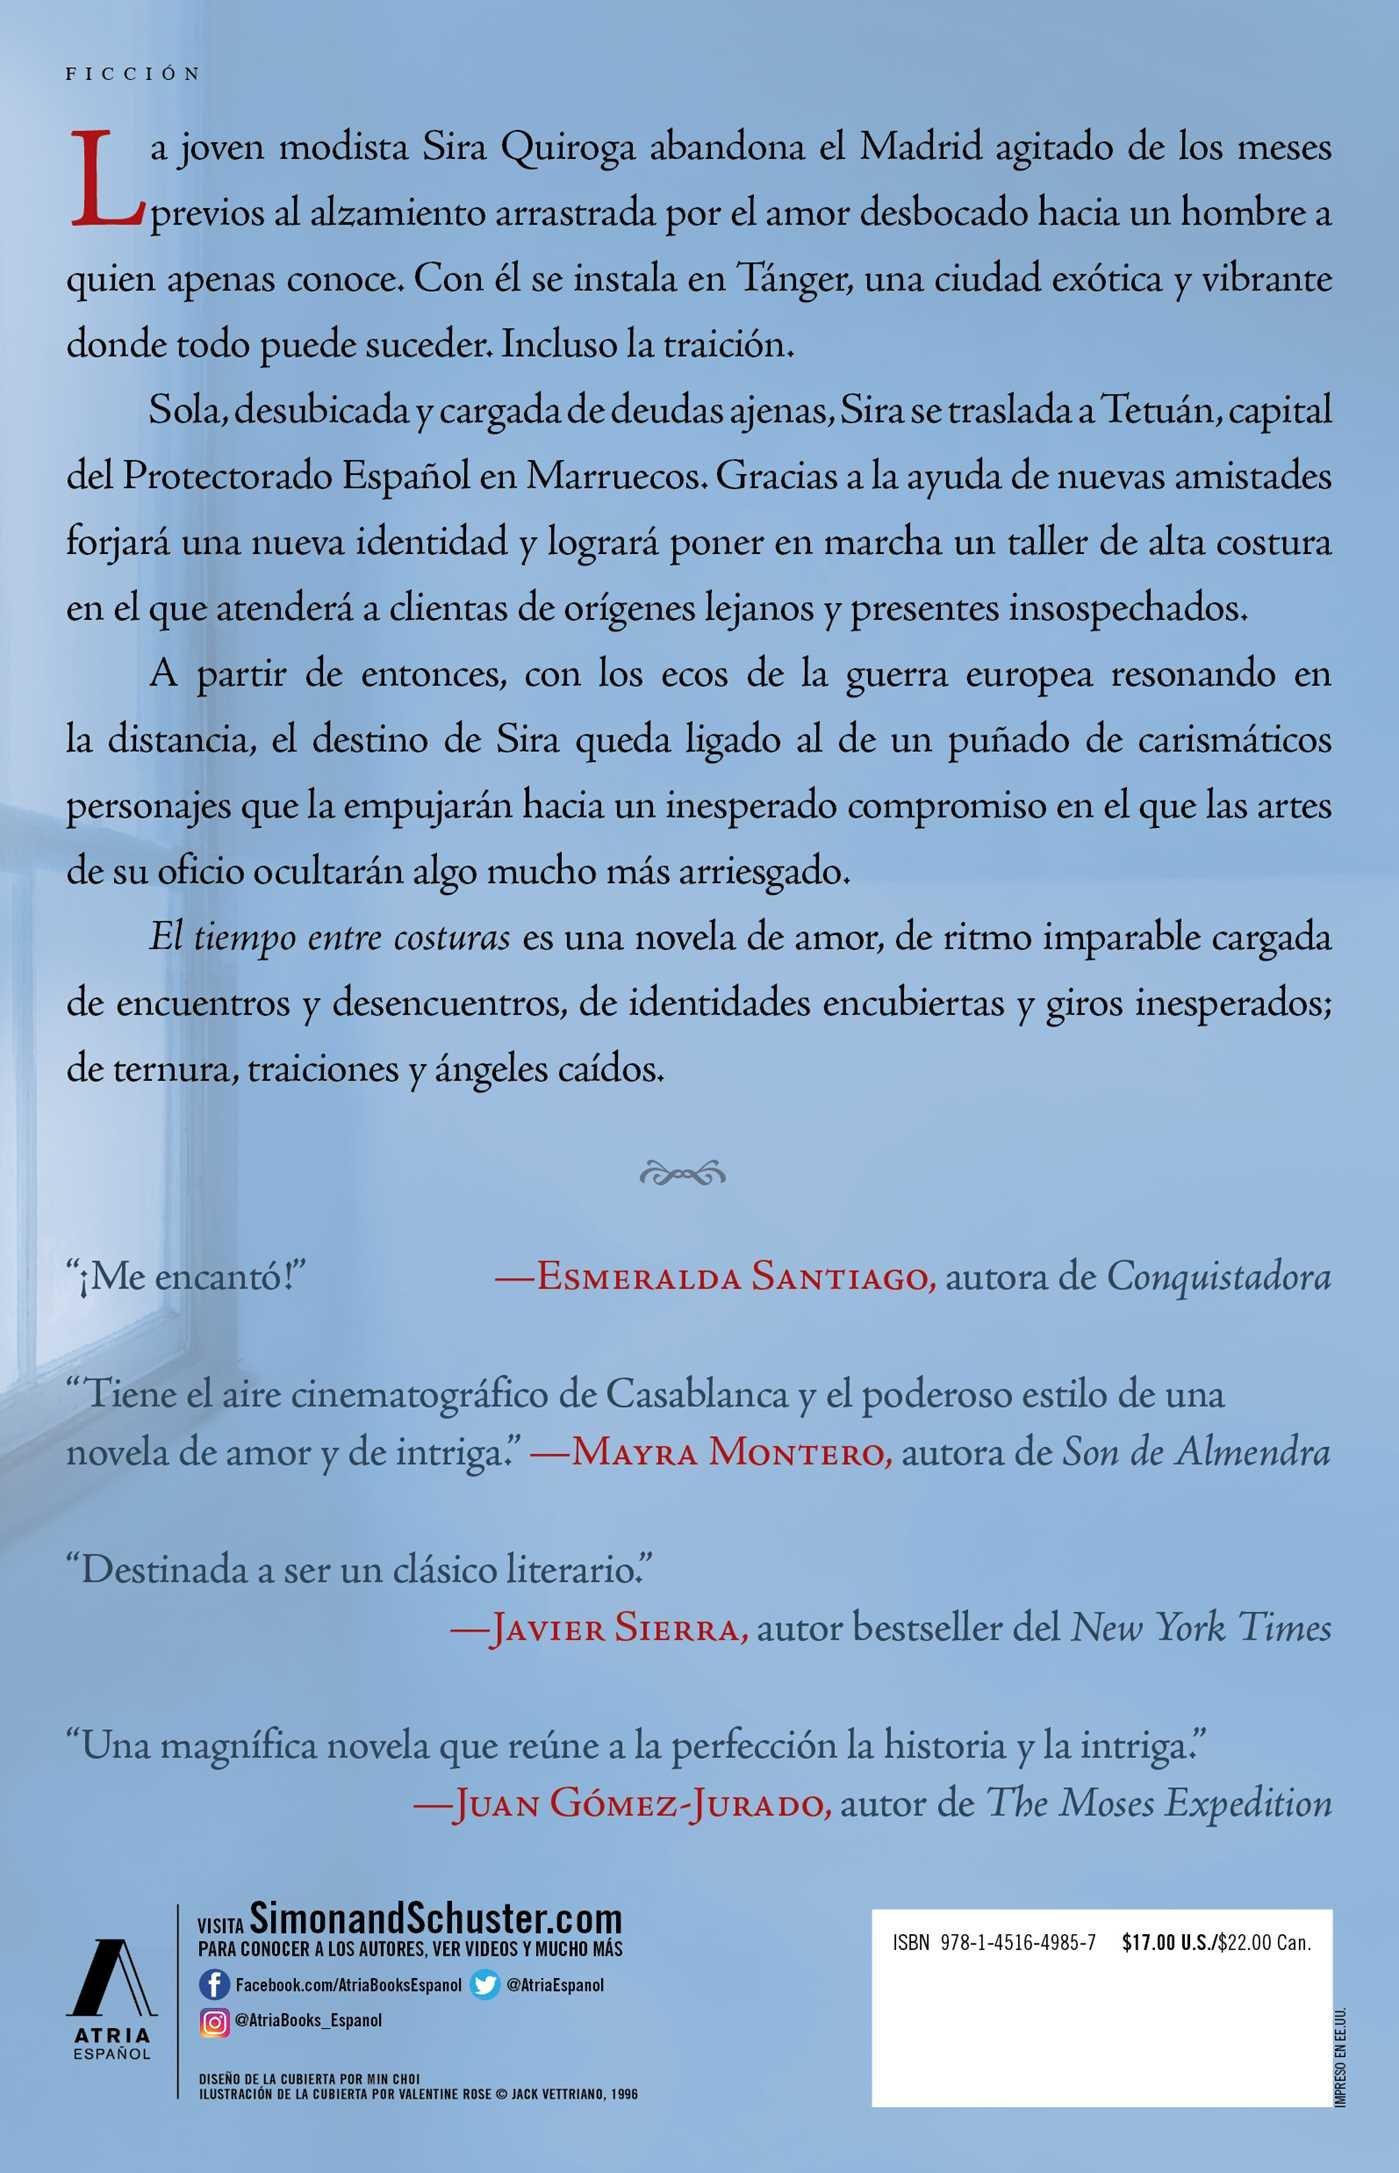 El Tiempo Entre Costuras Una Novela Atria Espanol Duenas Maria Amazon De Bücher